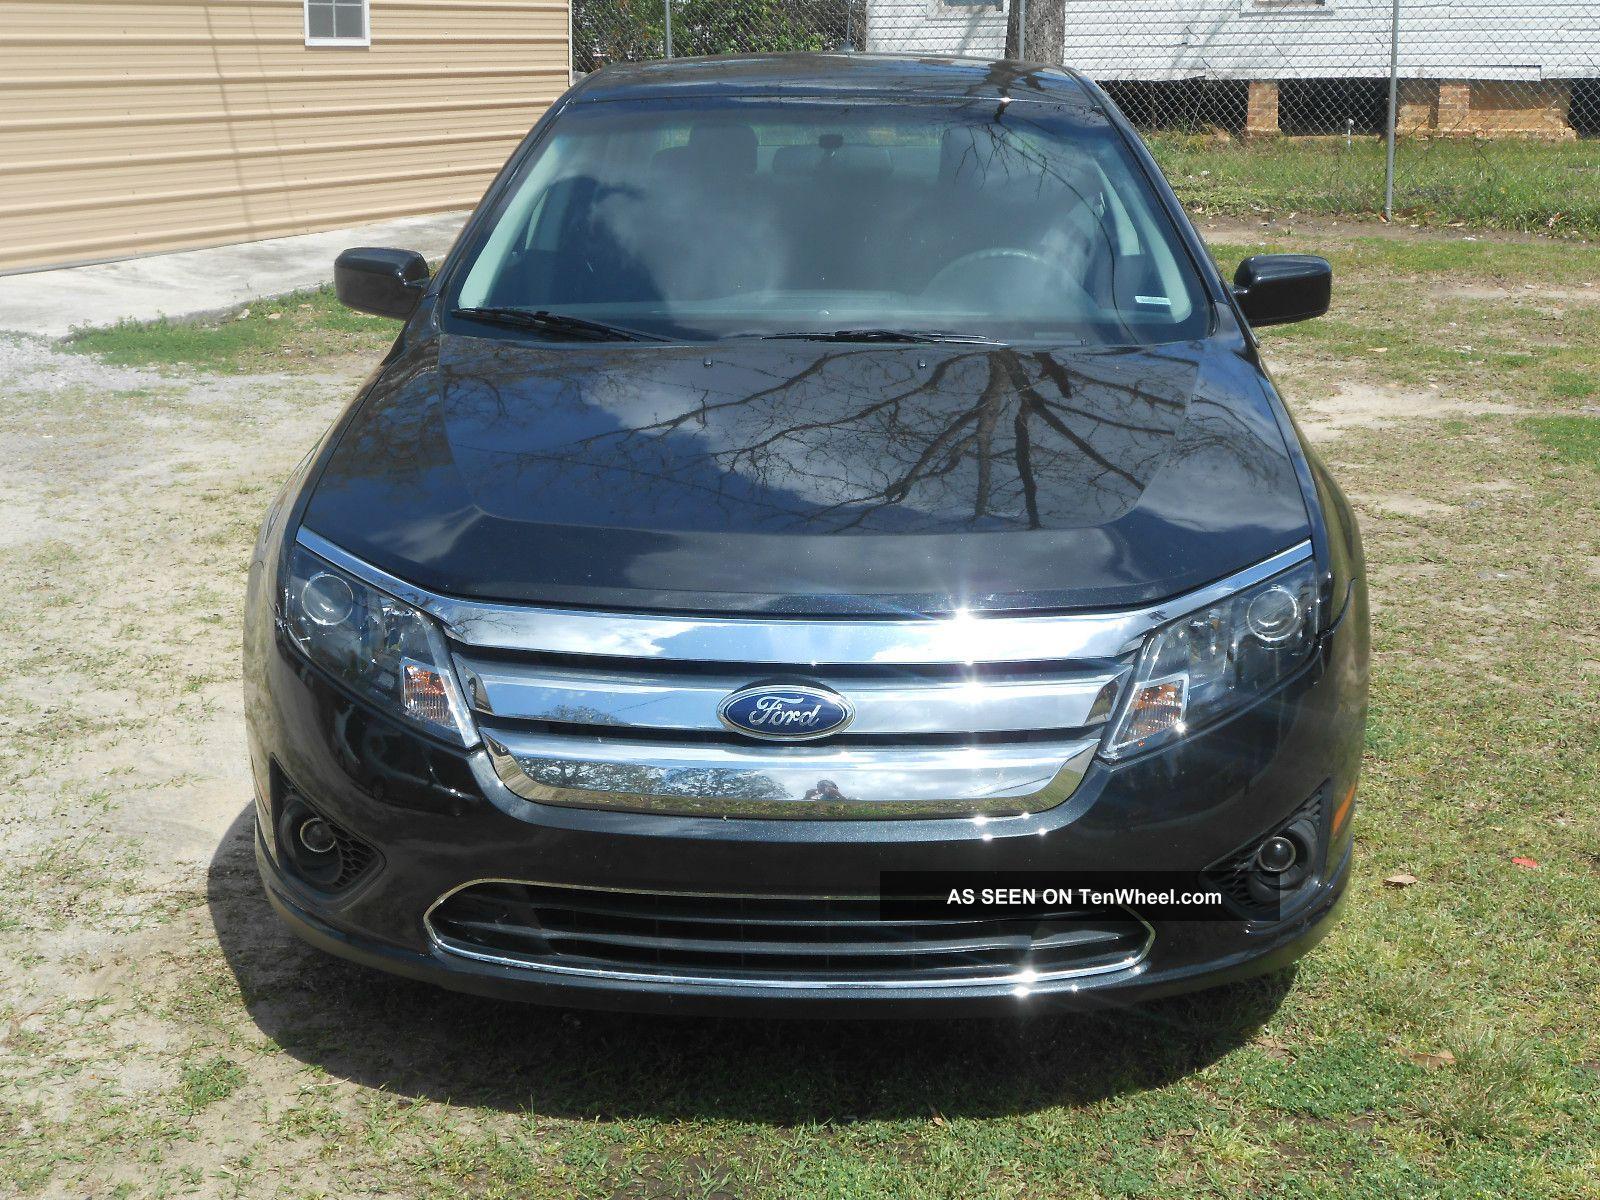 2012 Ford Fusion Se Fusion photo